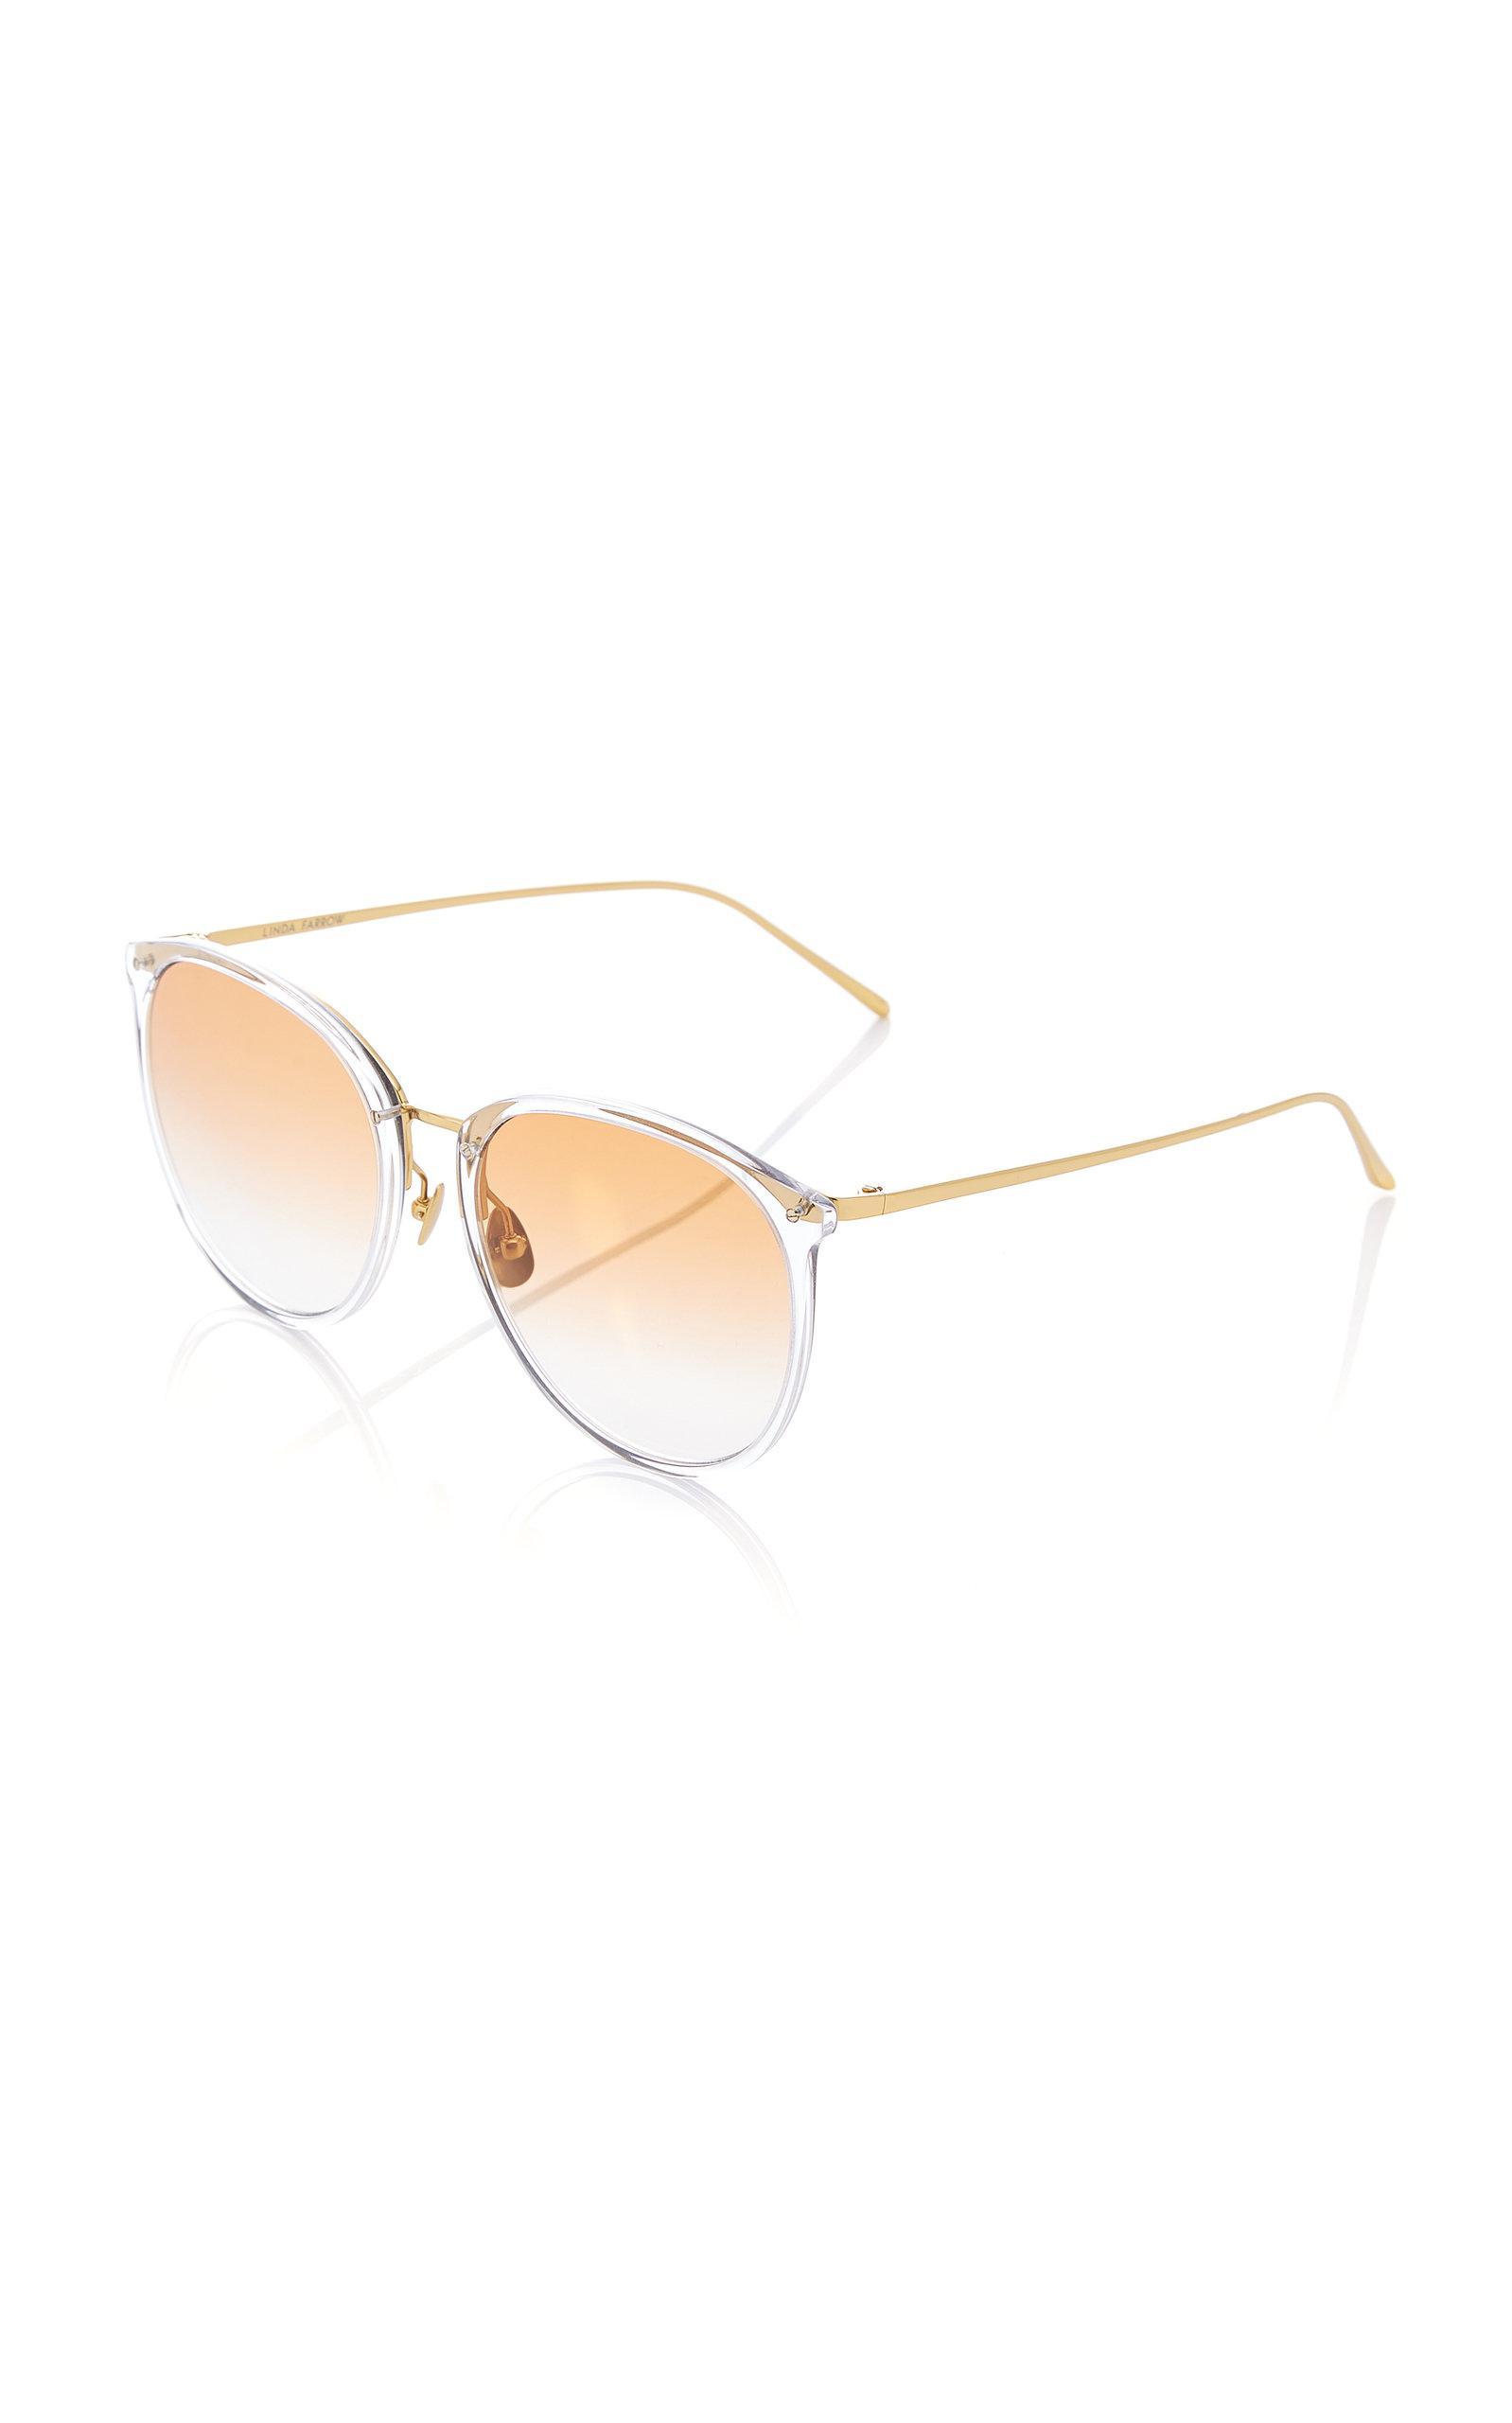 Titanium Acetate Oversized Sunglasses Linda Farrow I22E0